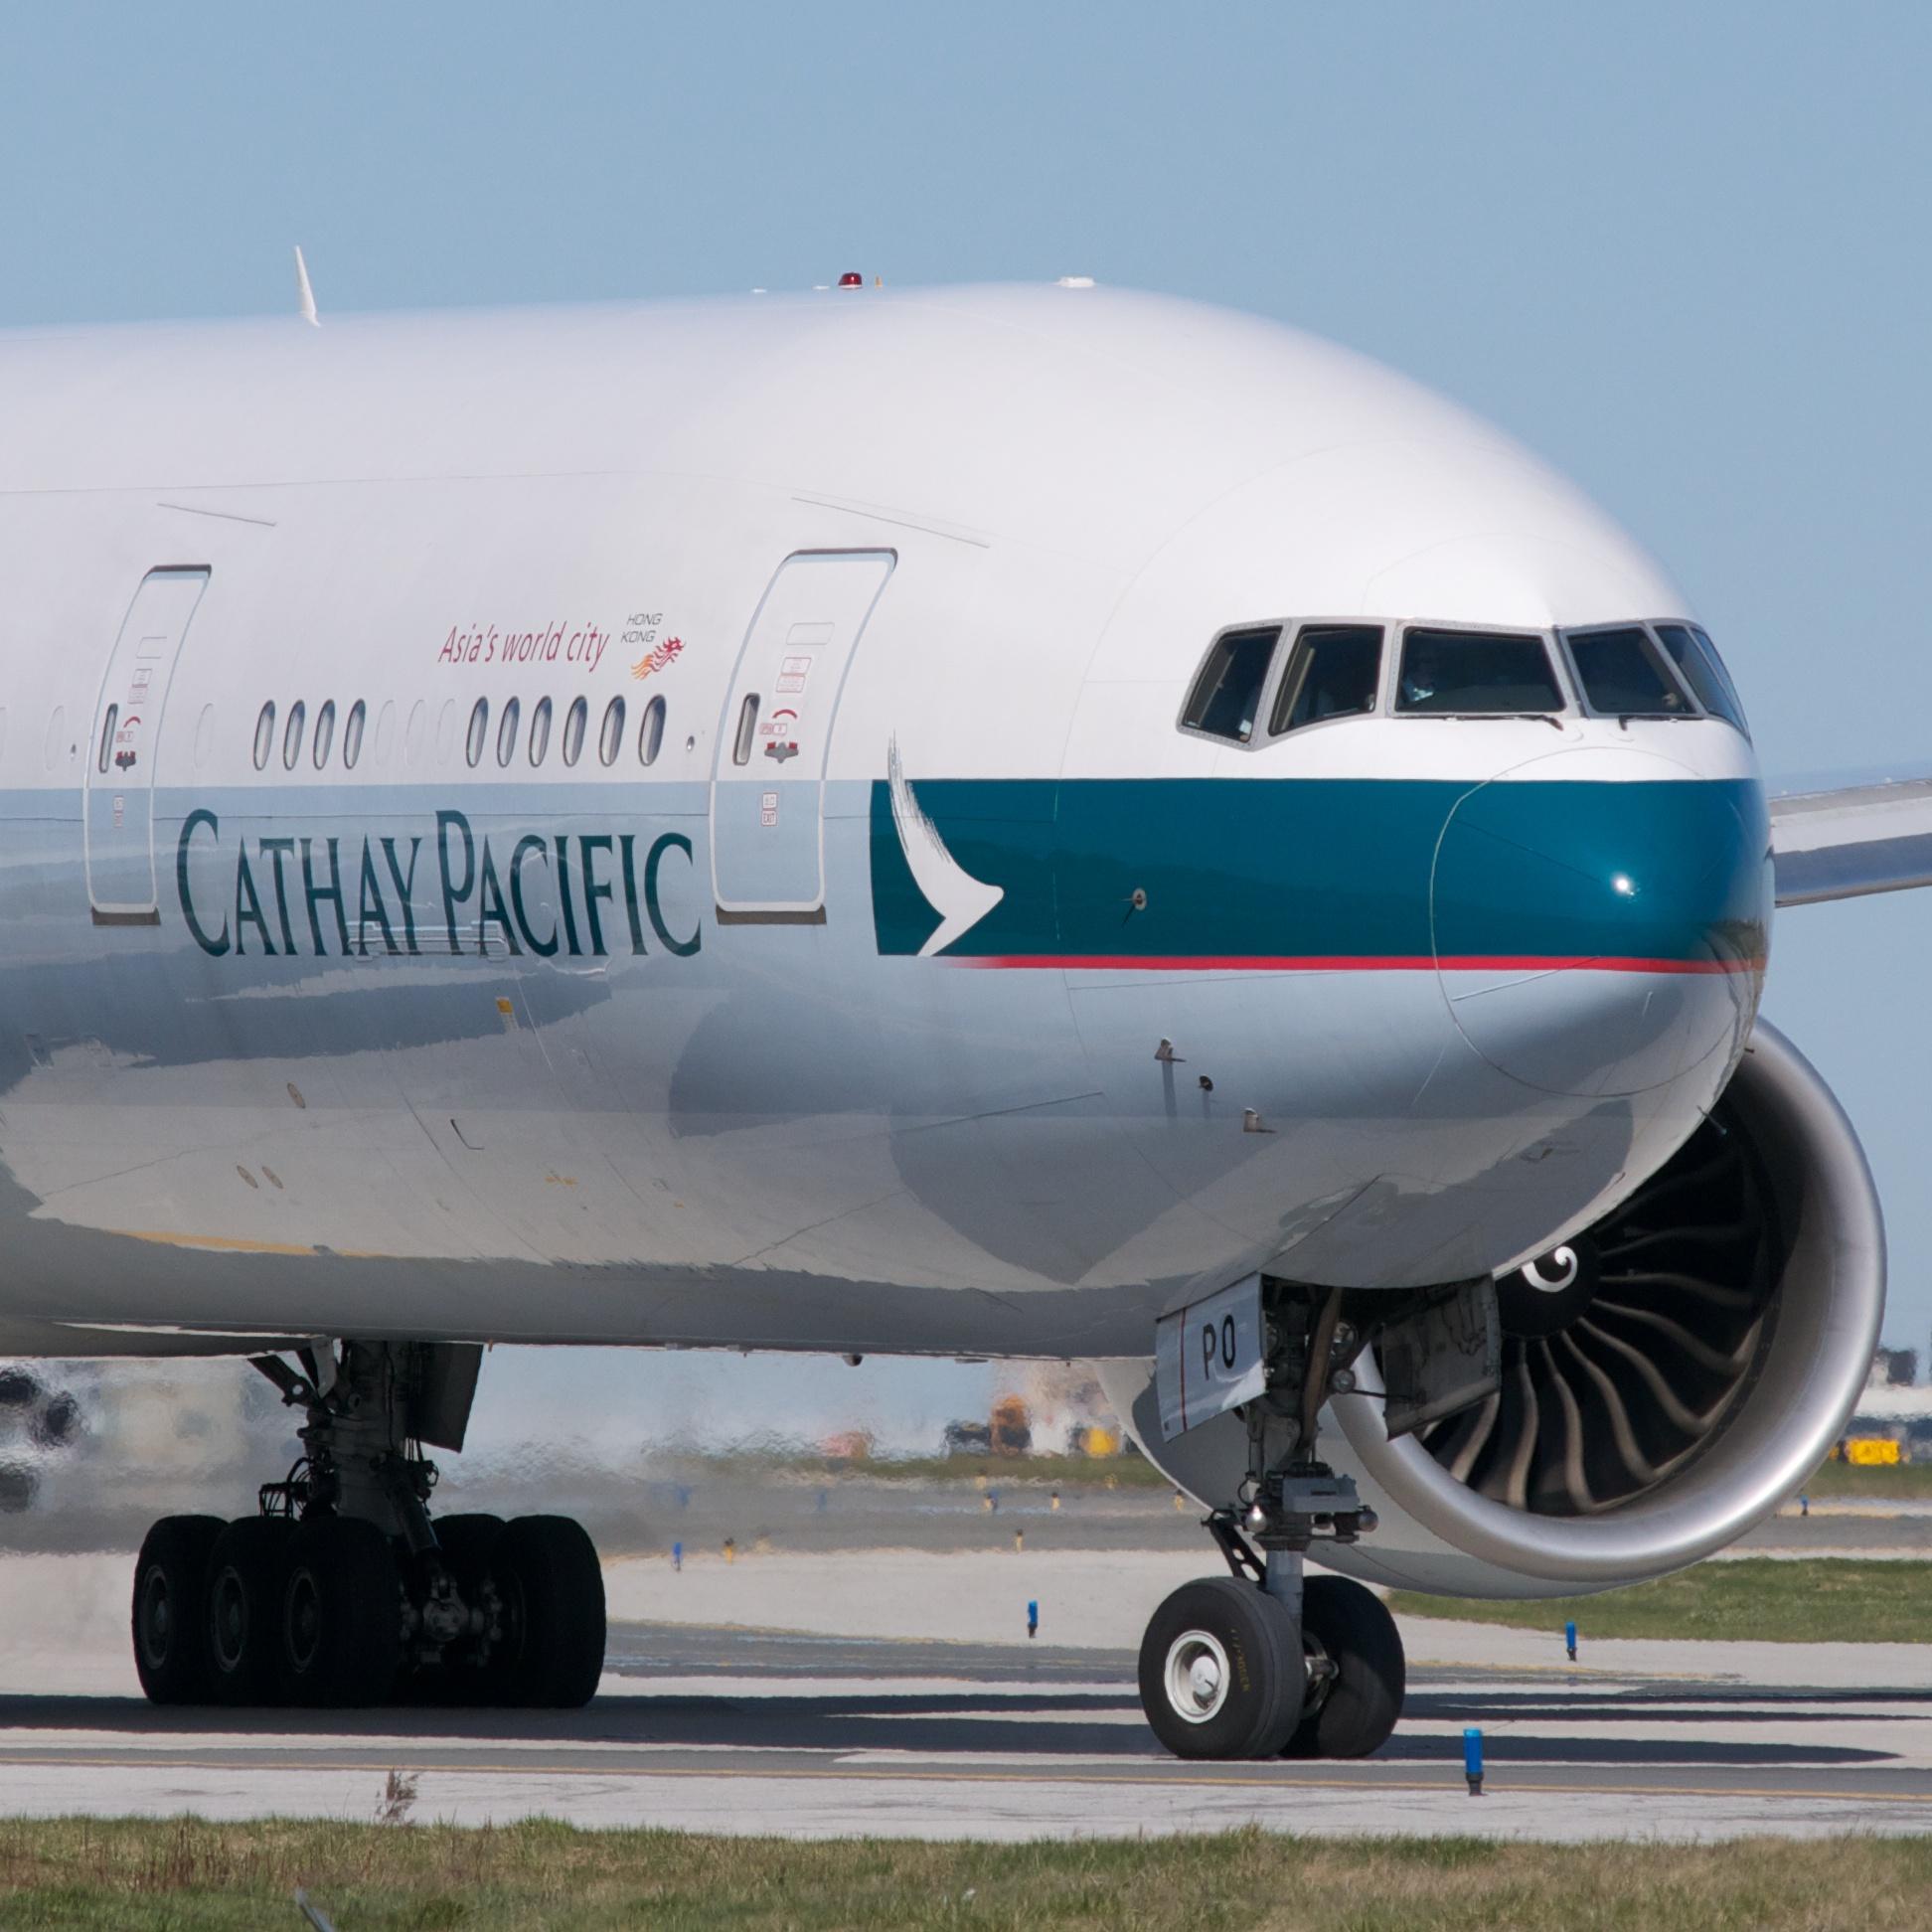 Blue Sky triển khai khuyến mãi đặc biệt từ Cathay Pacific